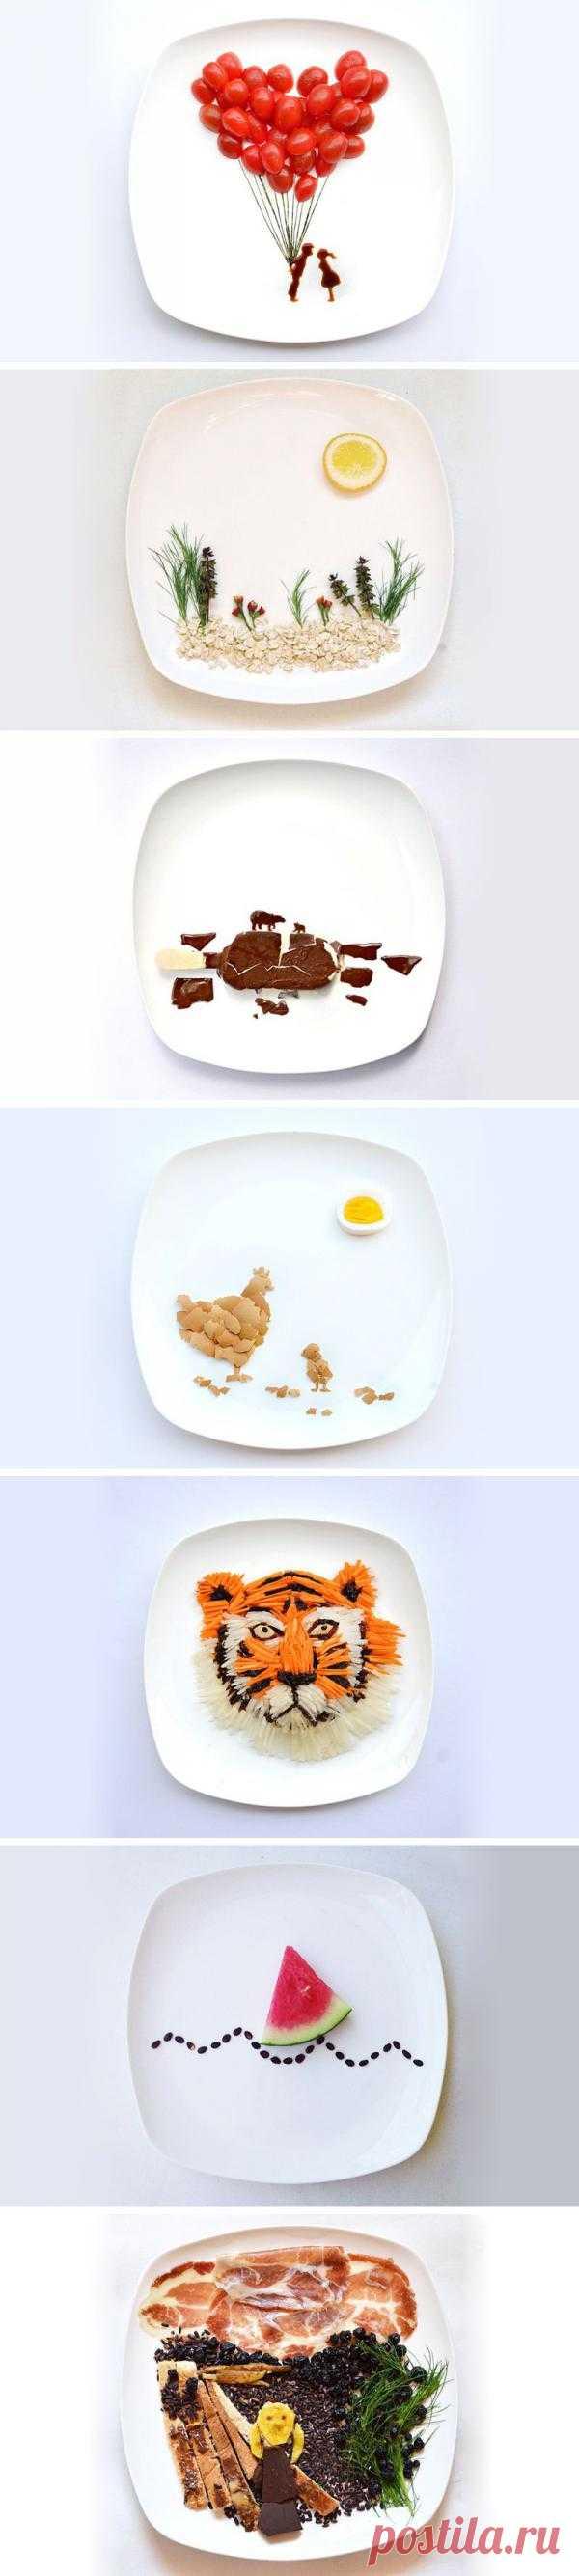 Кулинарное искусство Ред. Каждый день художница Хонг Йи, иначе Ред, публикует по фотографии в день на Instagram, чтобы поделиться своими кулинарными творениями, которые размещены на белой тарелке.